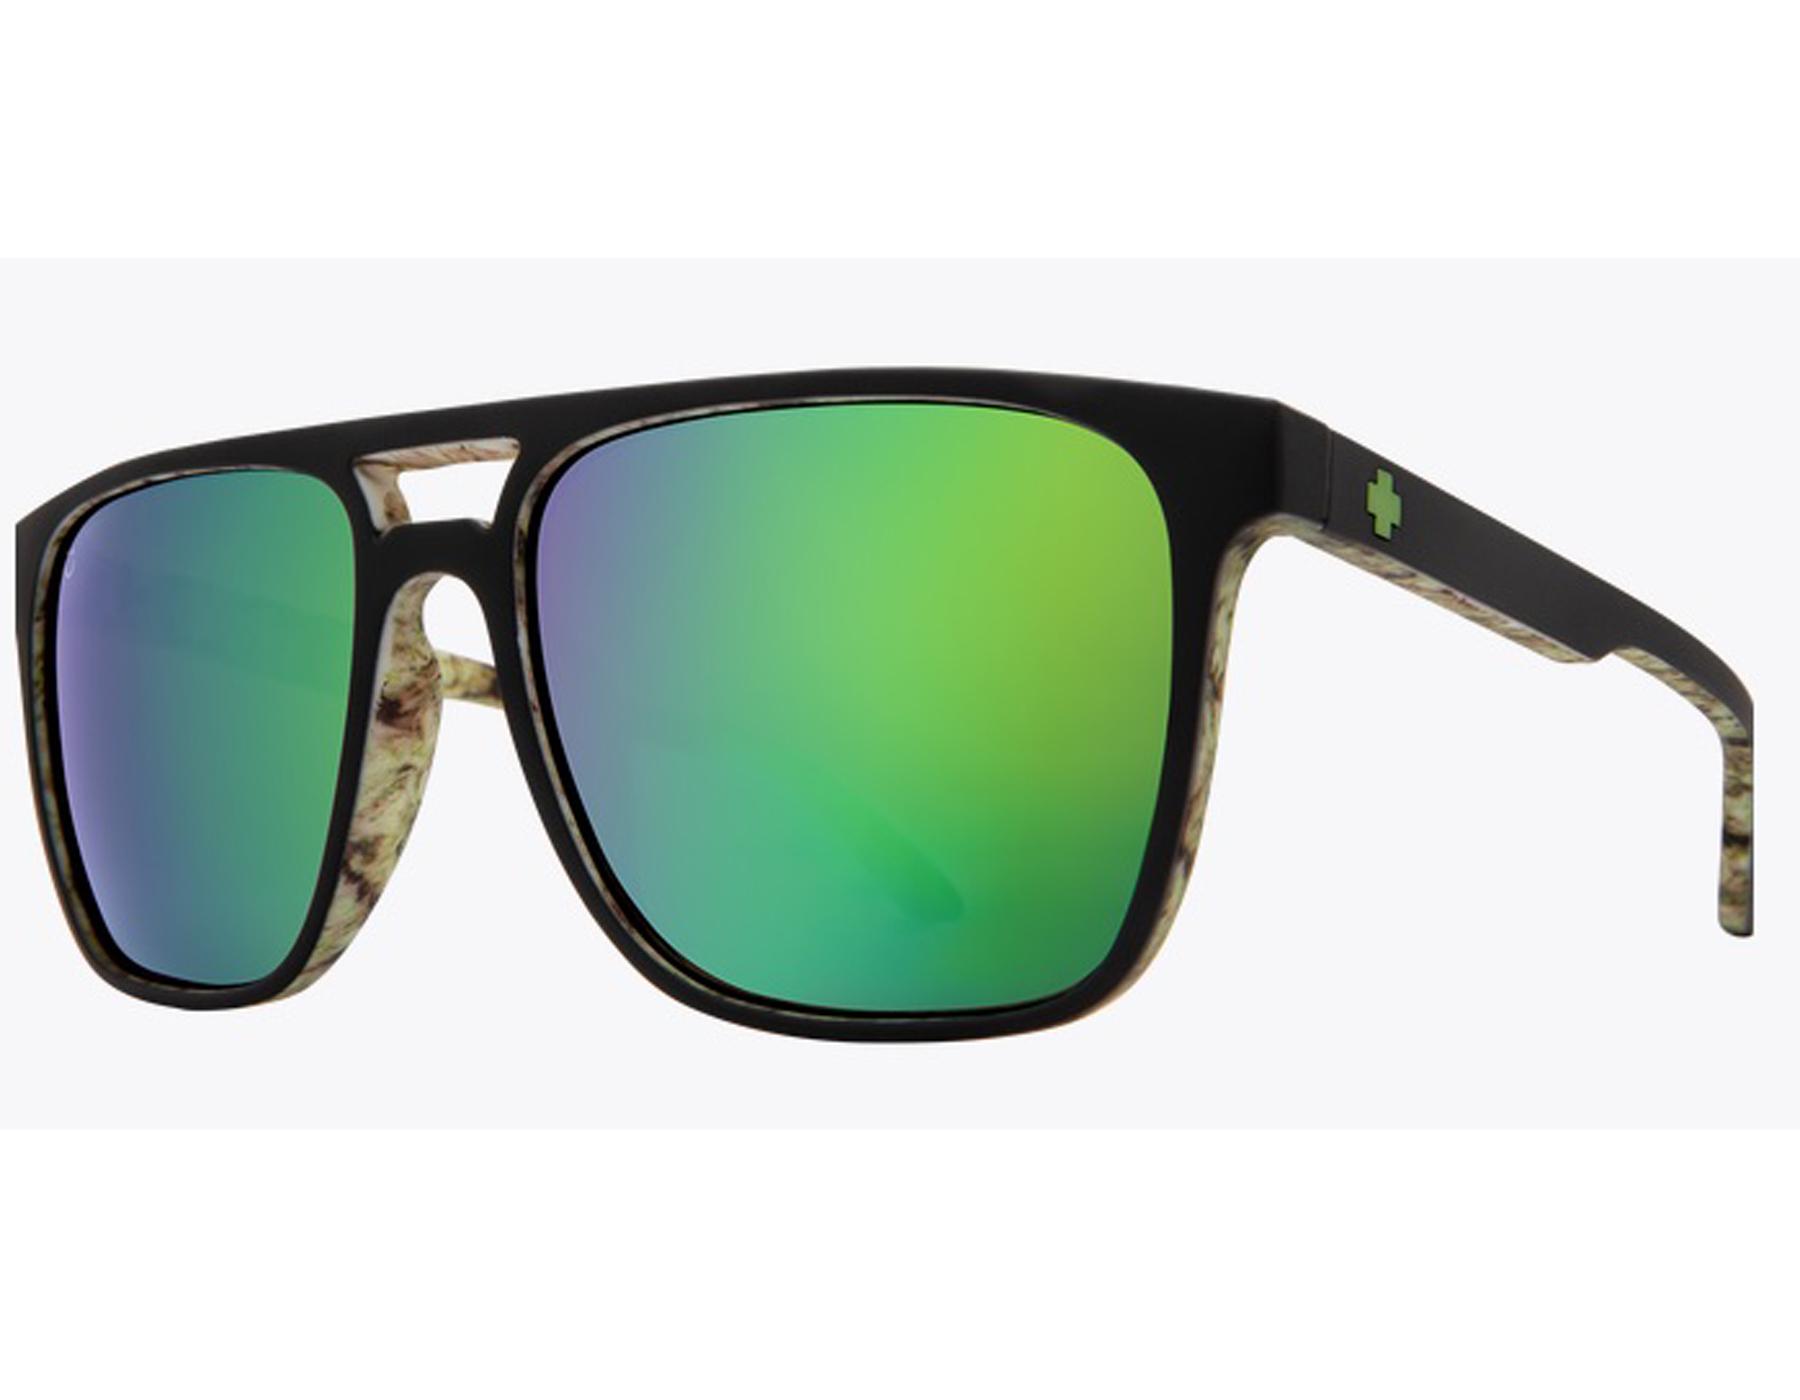 f6c689e417 Details about New Spy CZAR-673526205225 Matte Black Kushwall   Bronze  Sunglasses